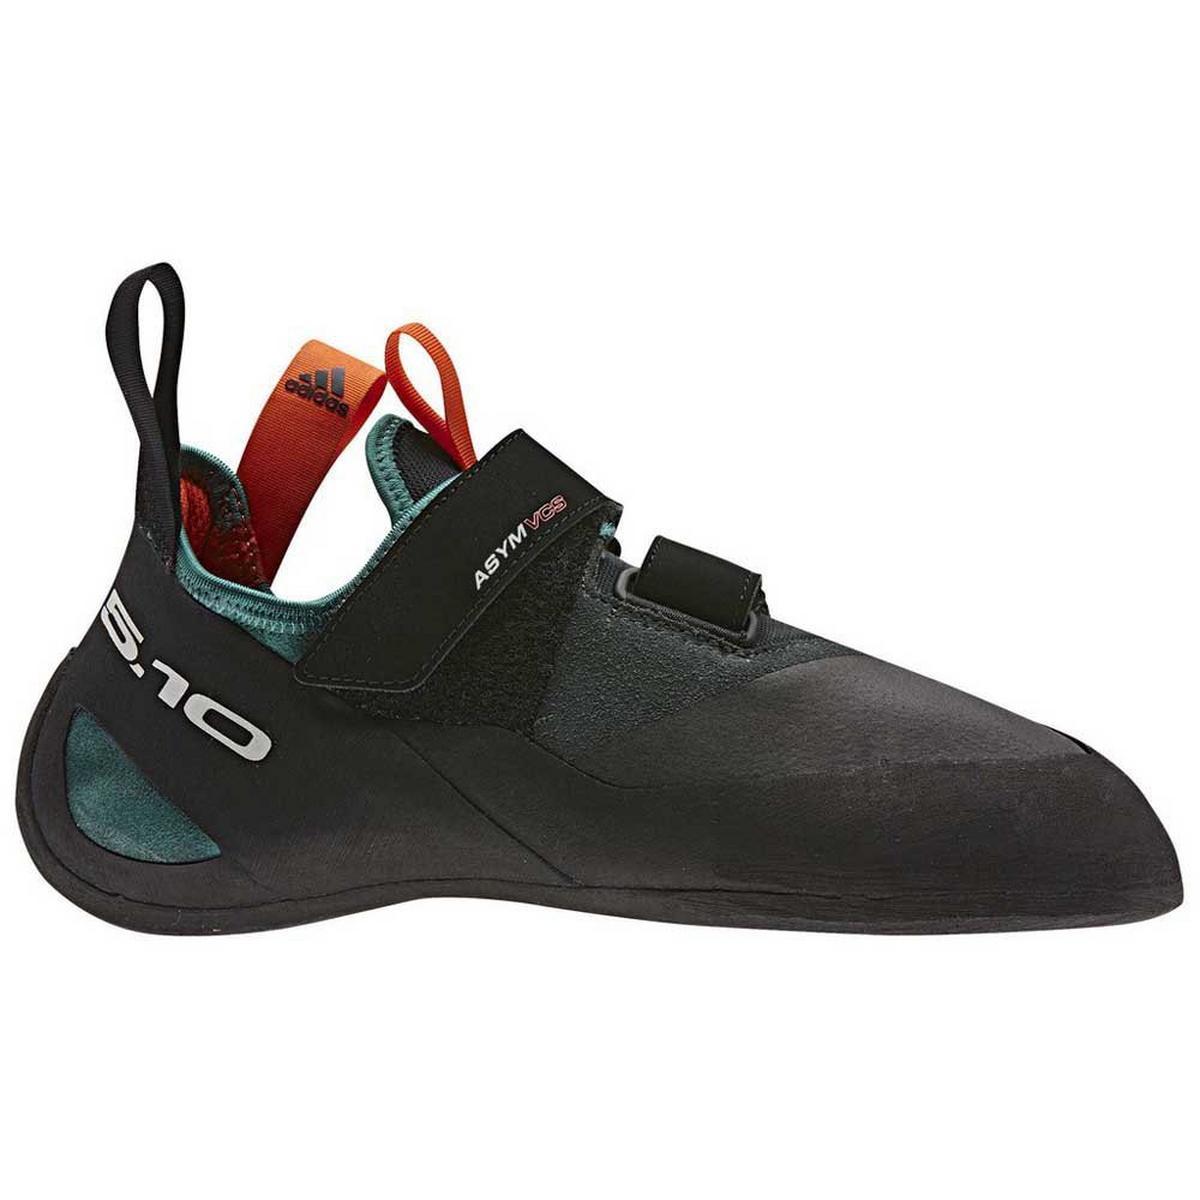 Five Ten Men's Asym Climbing Shoe